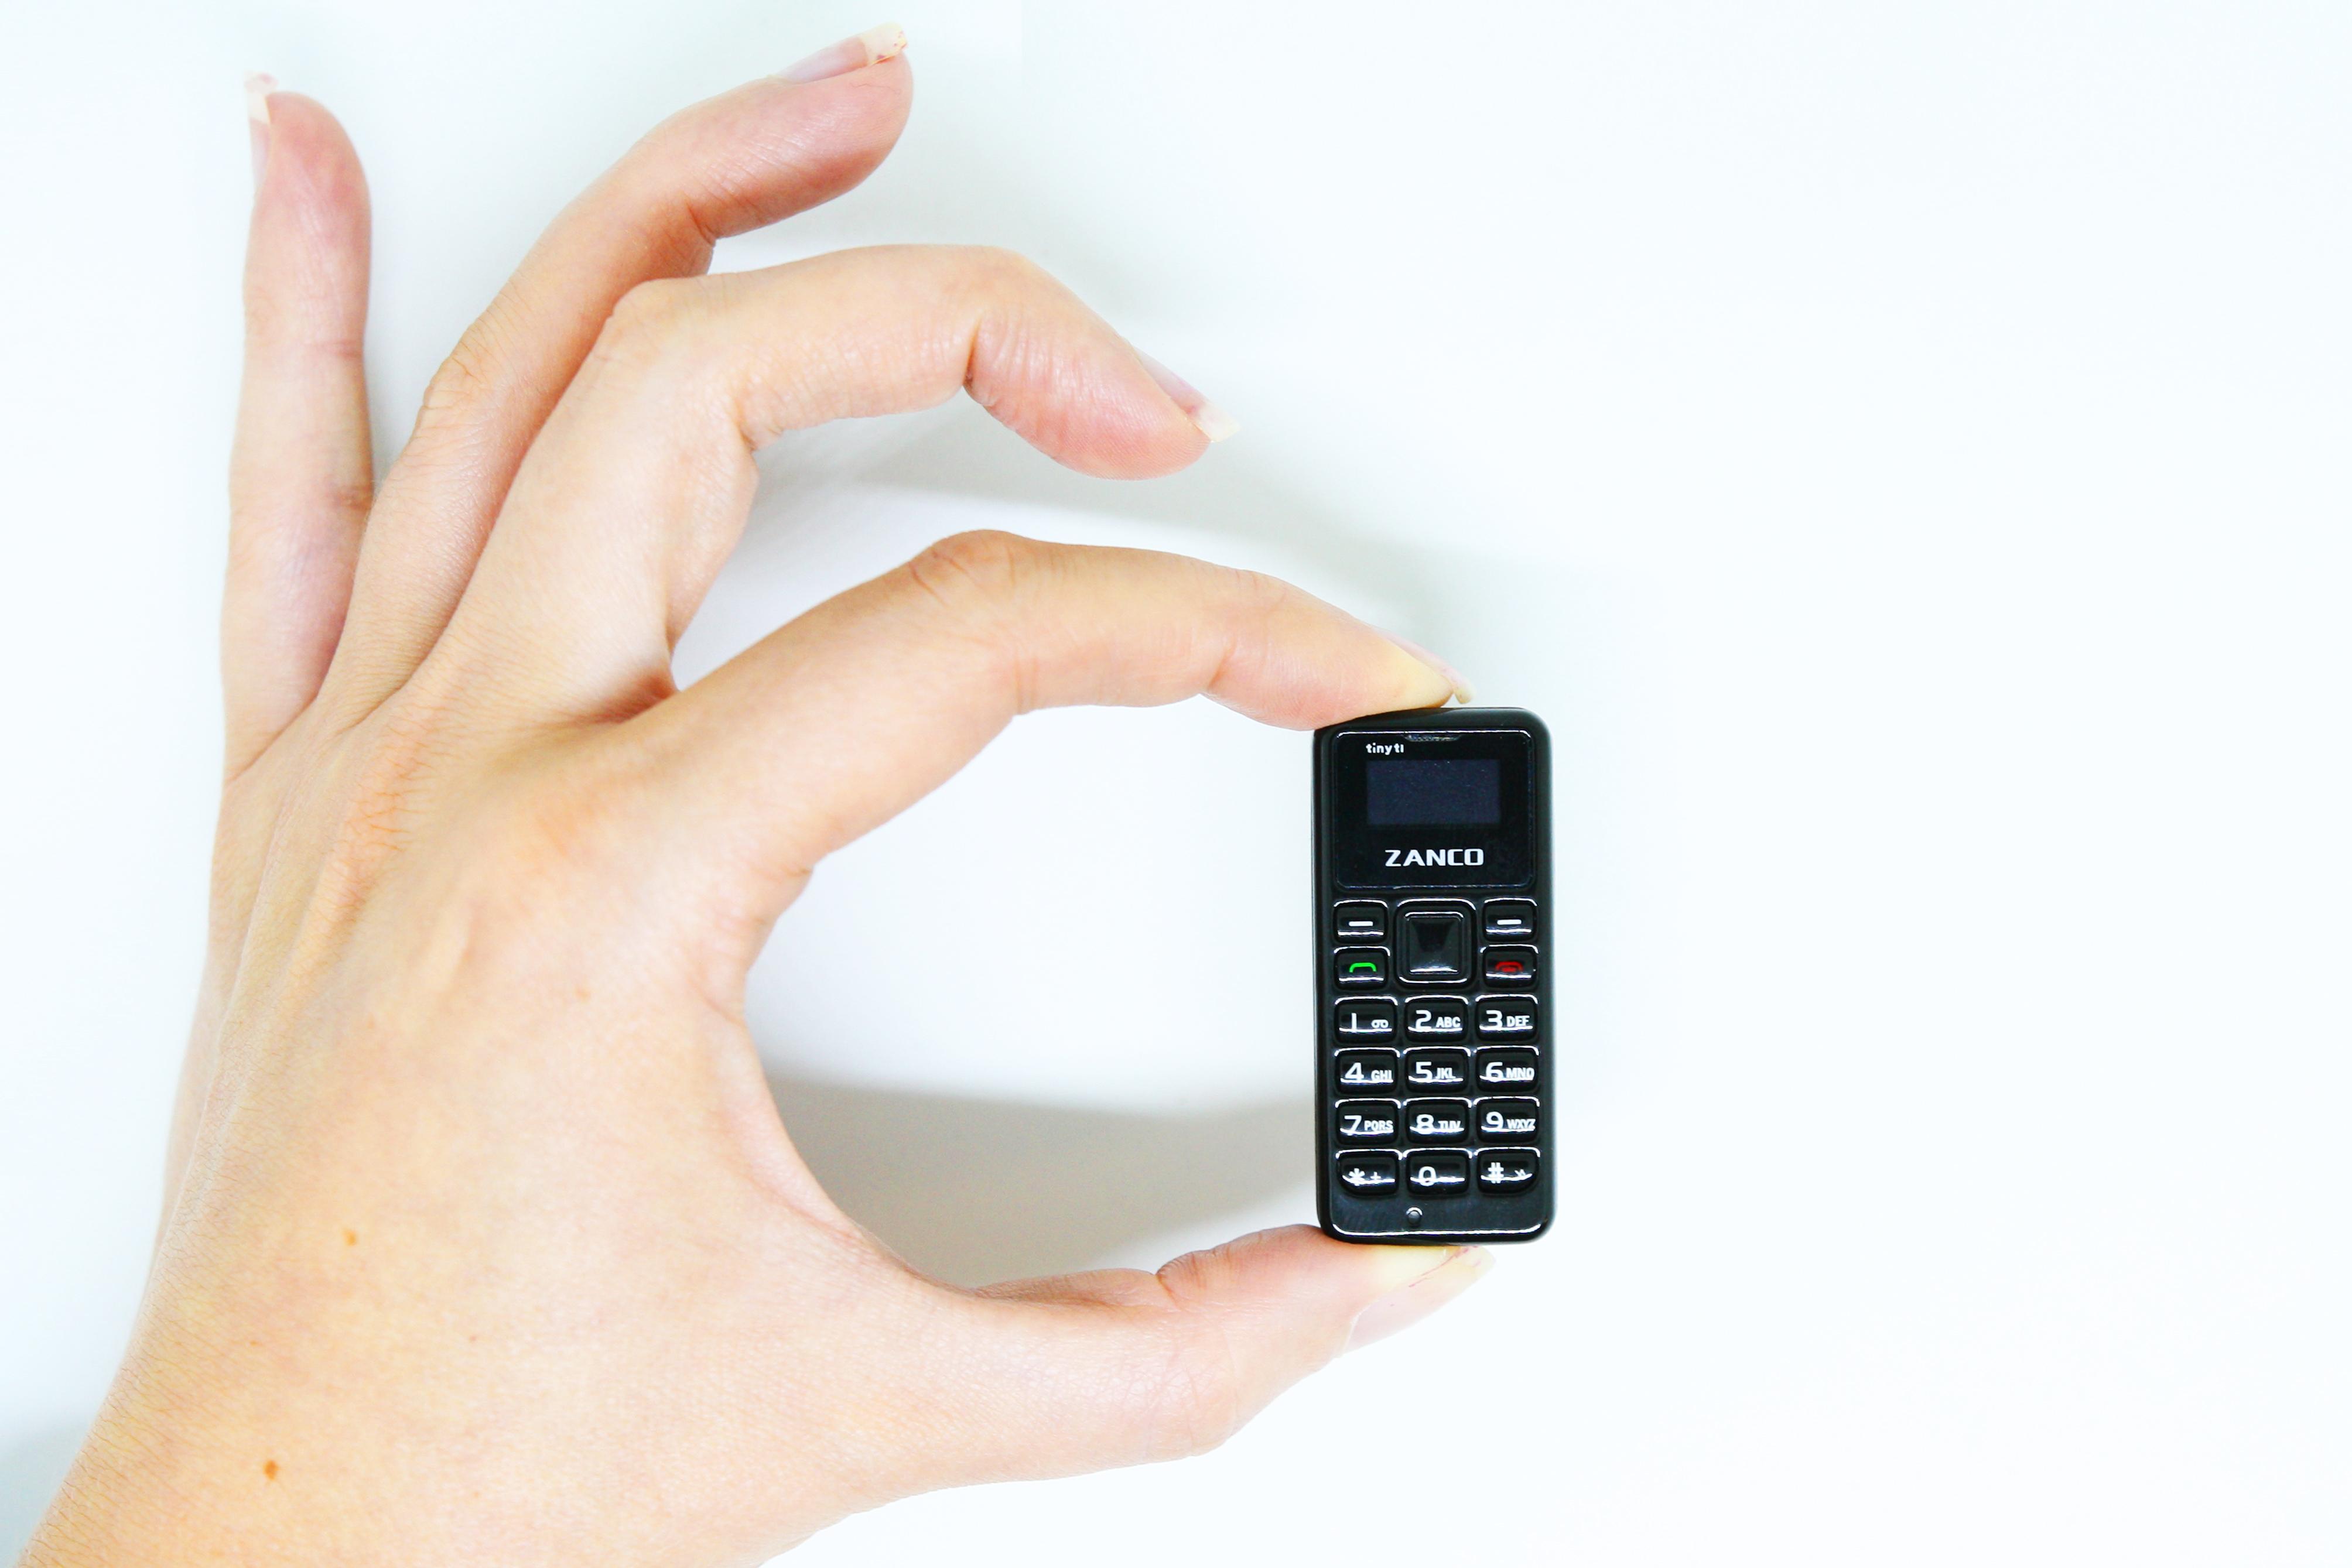 saul-ameliach-especialista-en-nuevos-desarrollos-saul-ameliach--movil--el-movil-mas-pequeno-que-un-dedo-pulgar-permite-atender-llamadas-de-voz-y-mas-noticias